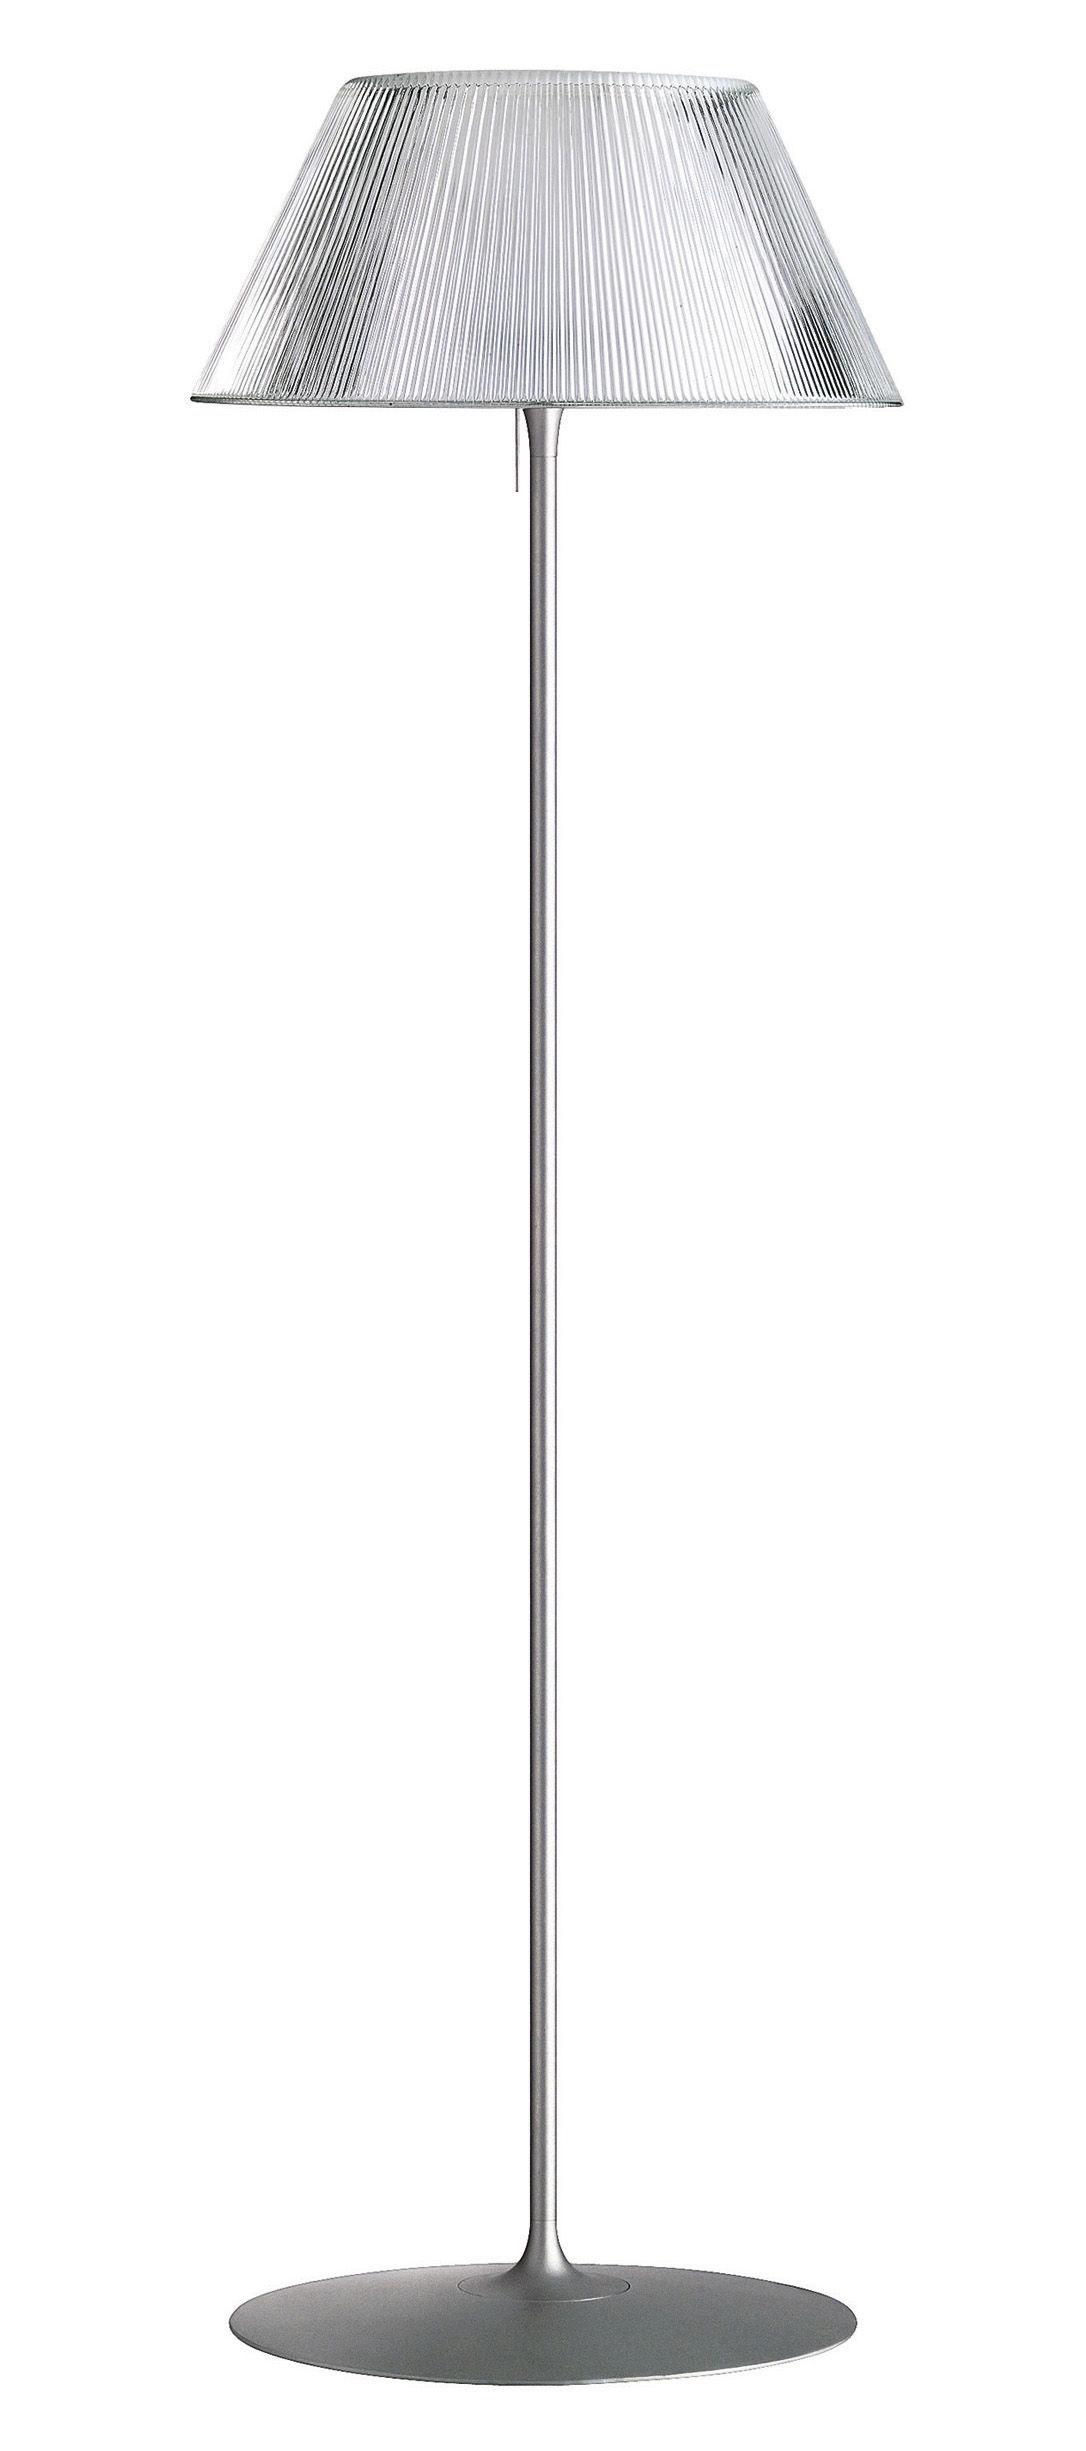 Leuchten - Stehleuchten - Romeo Moon F Stehleuchte - Flos - Grau - ziseliertes Glas - Glas, Metall